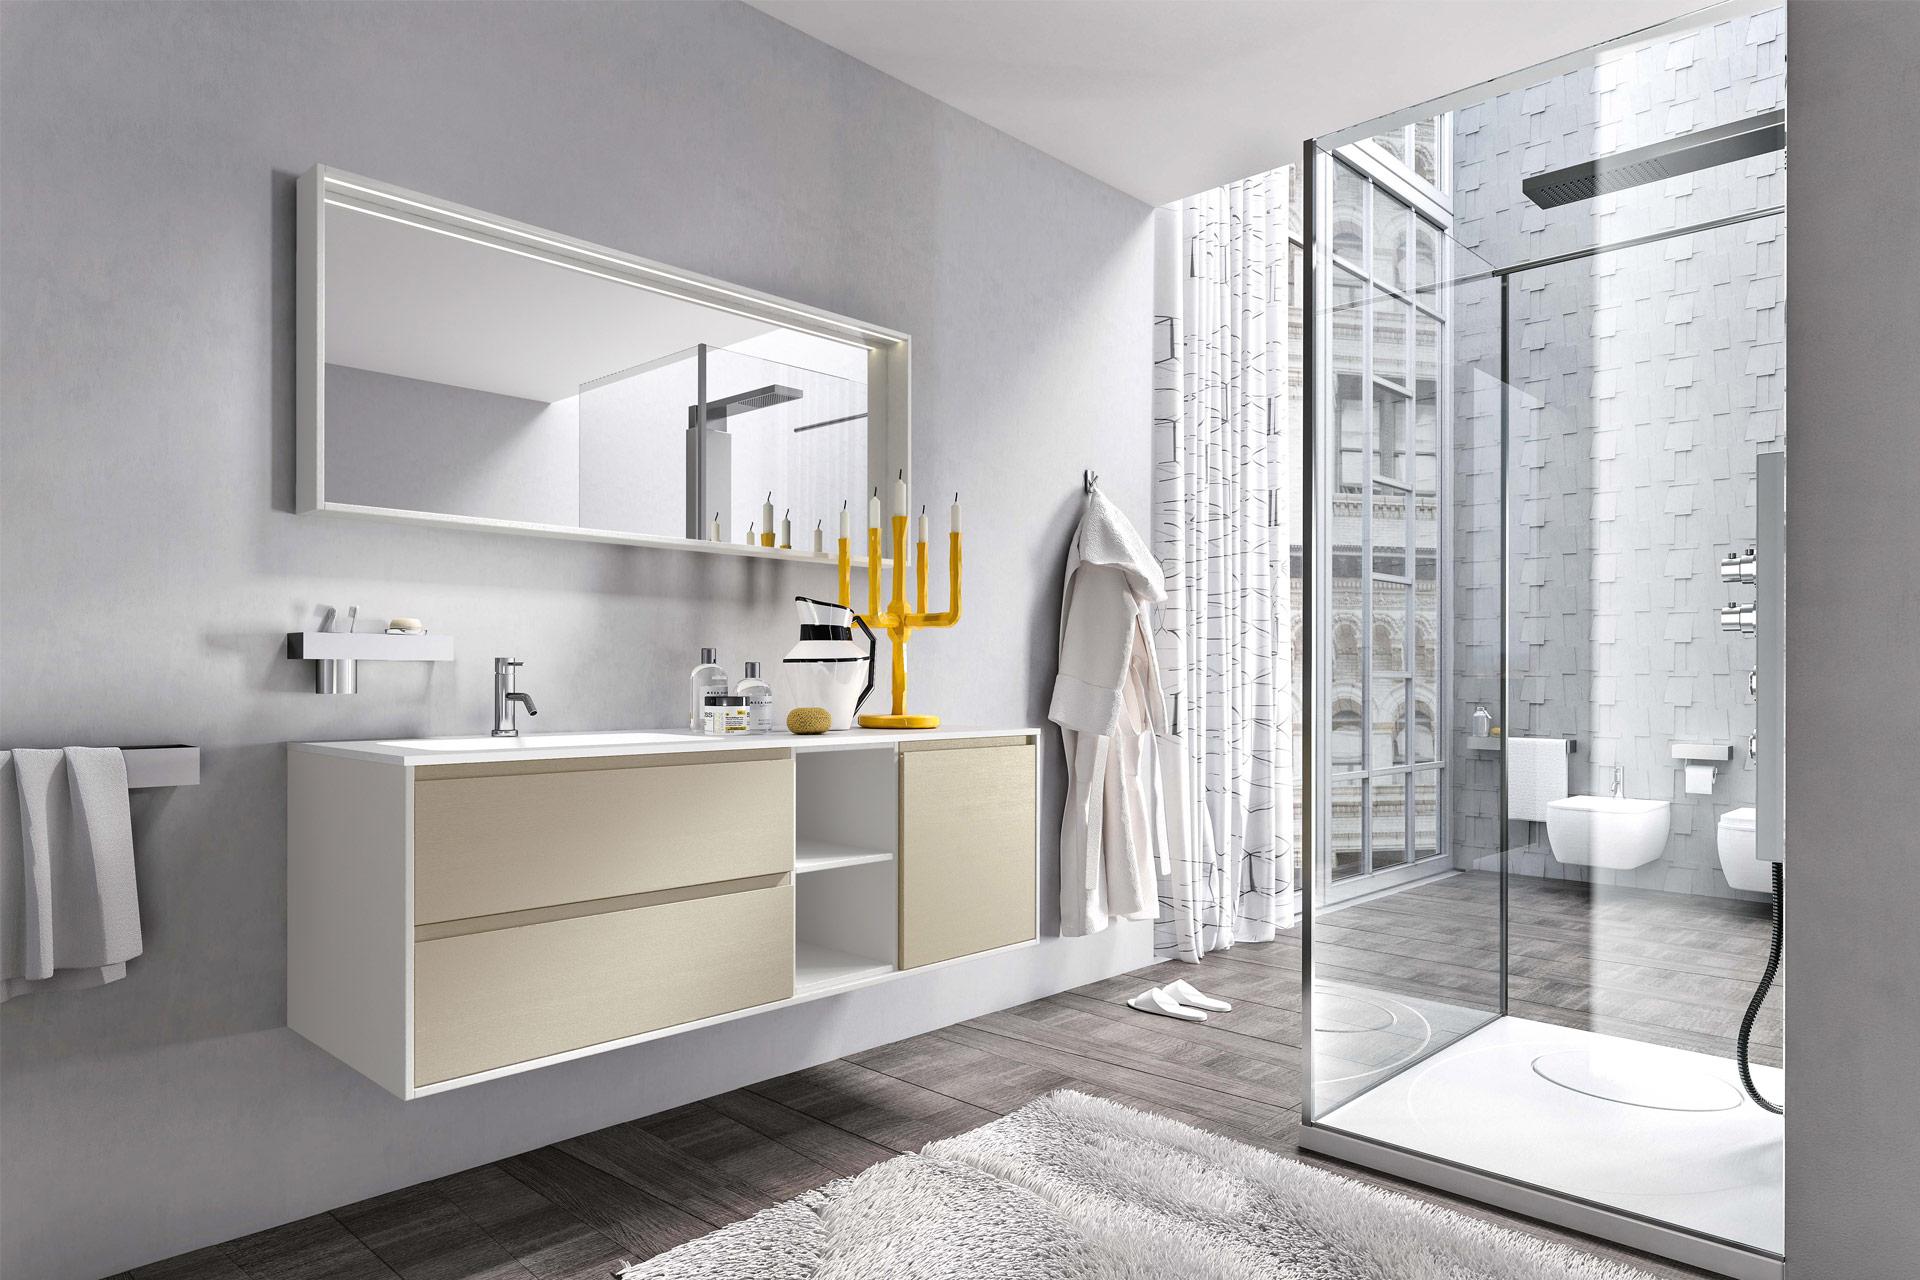 Mobili bagno ab mobili - Arredo bagno contemporaneo ...